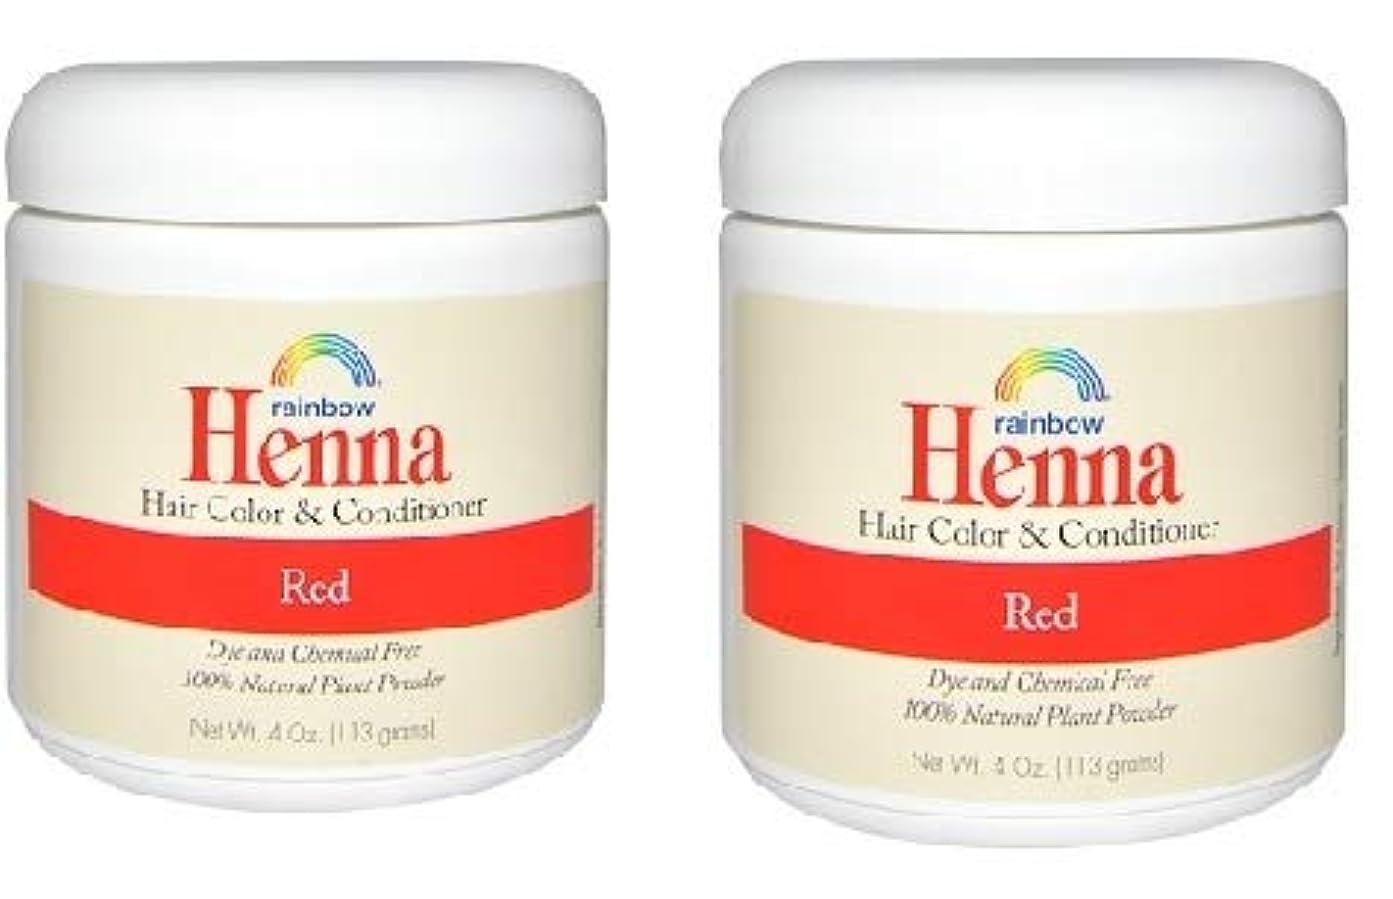 差別マルクス主義者余裕がある【ハワイ直送】2個セット 100% オーガニック ヘナ/ヘンナ レッド 113グラム 【2pk】 Rainbow Research, Henna, 100% Botanical Hair Color and Conditioner...